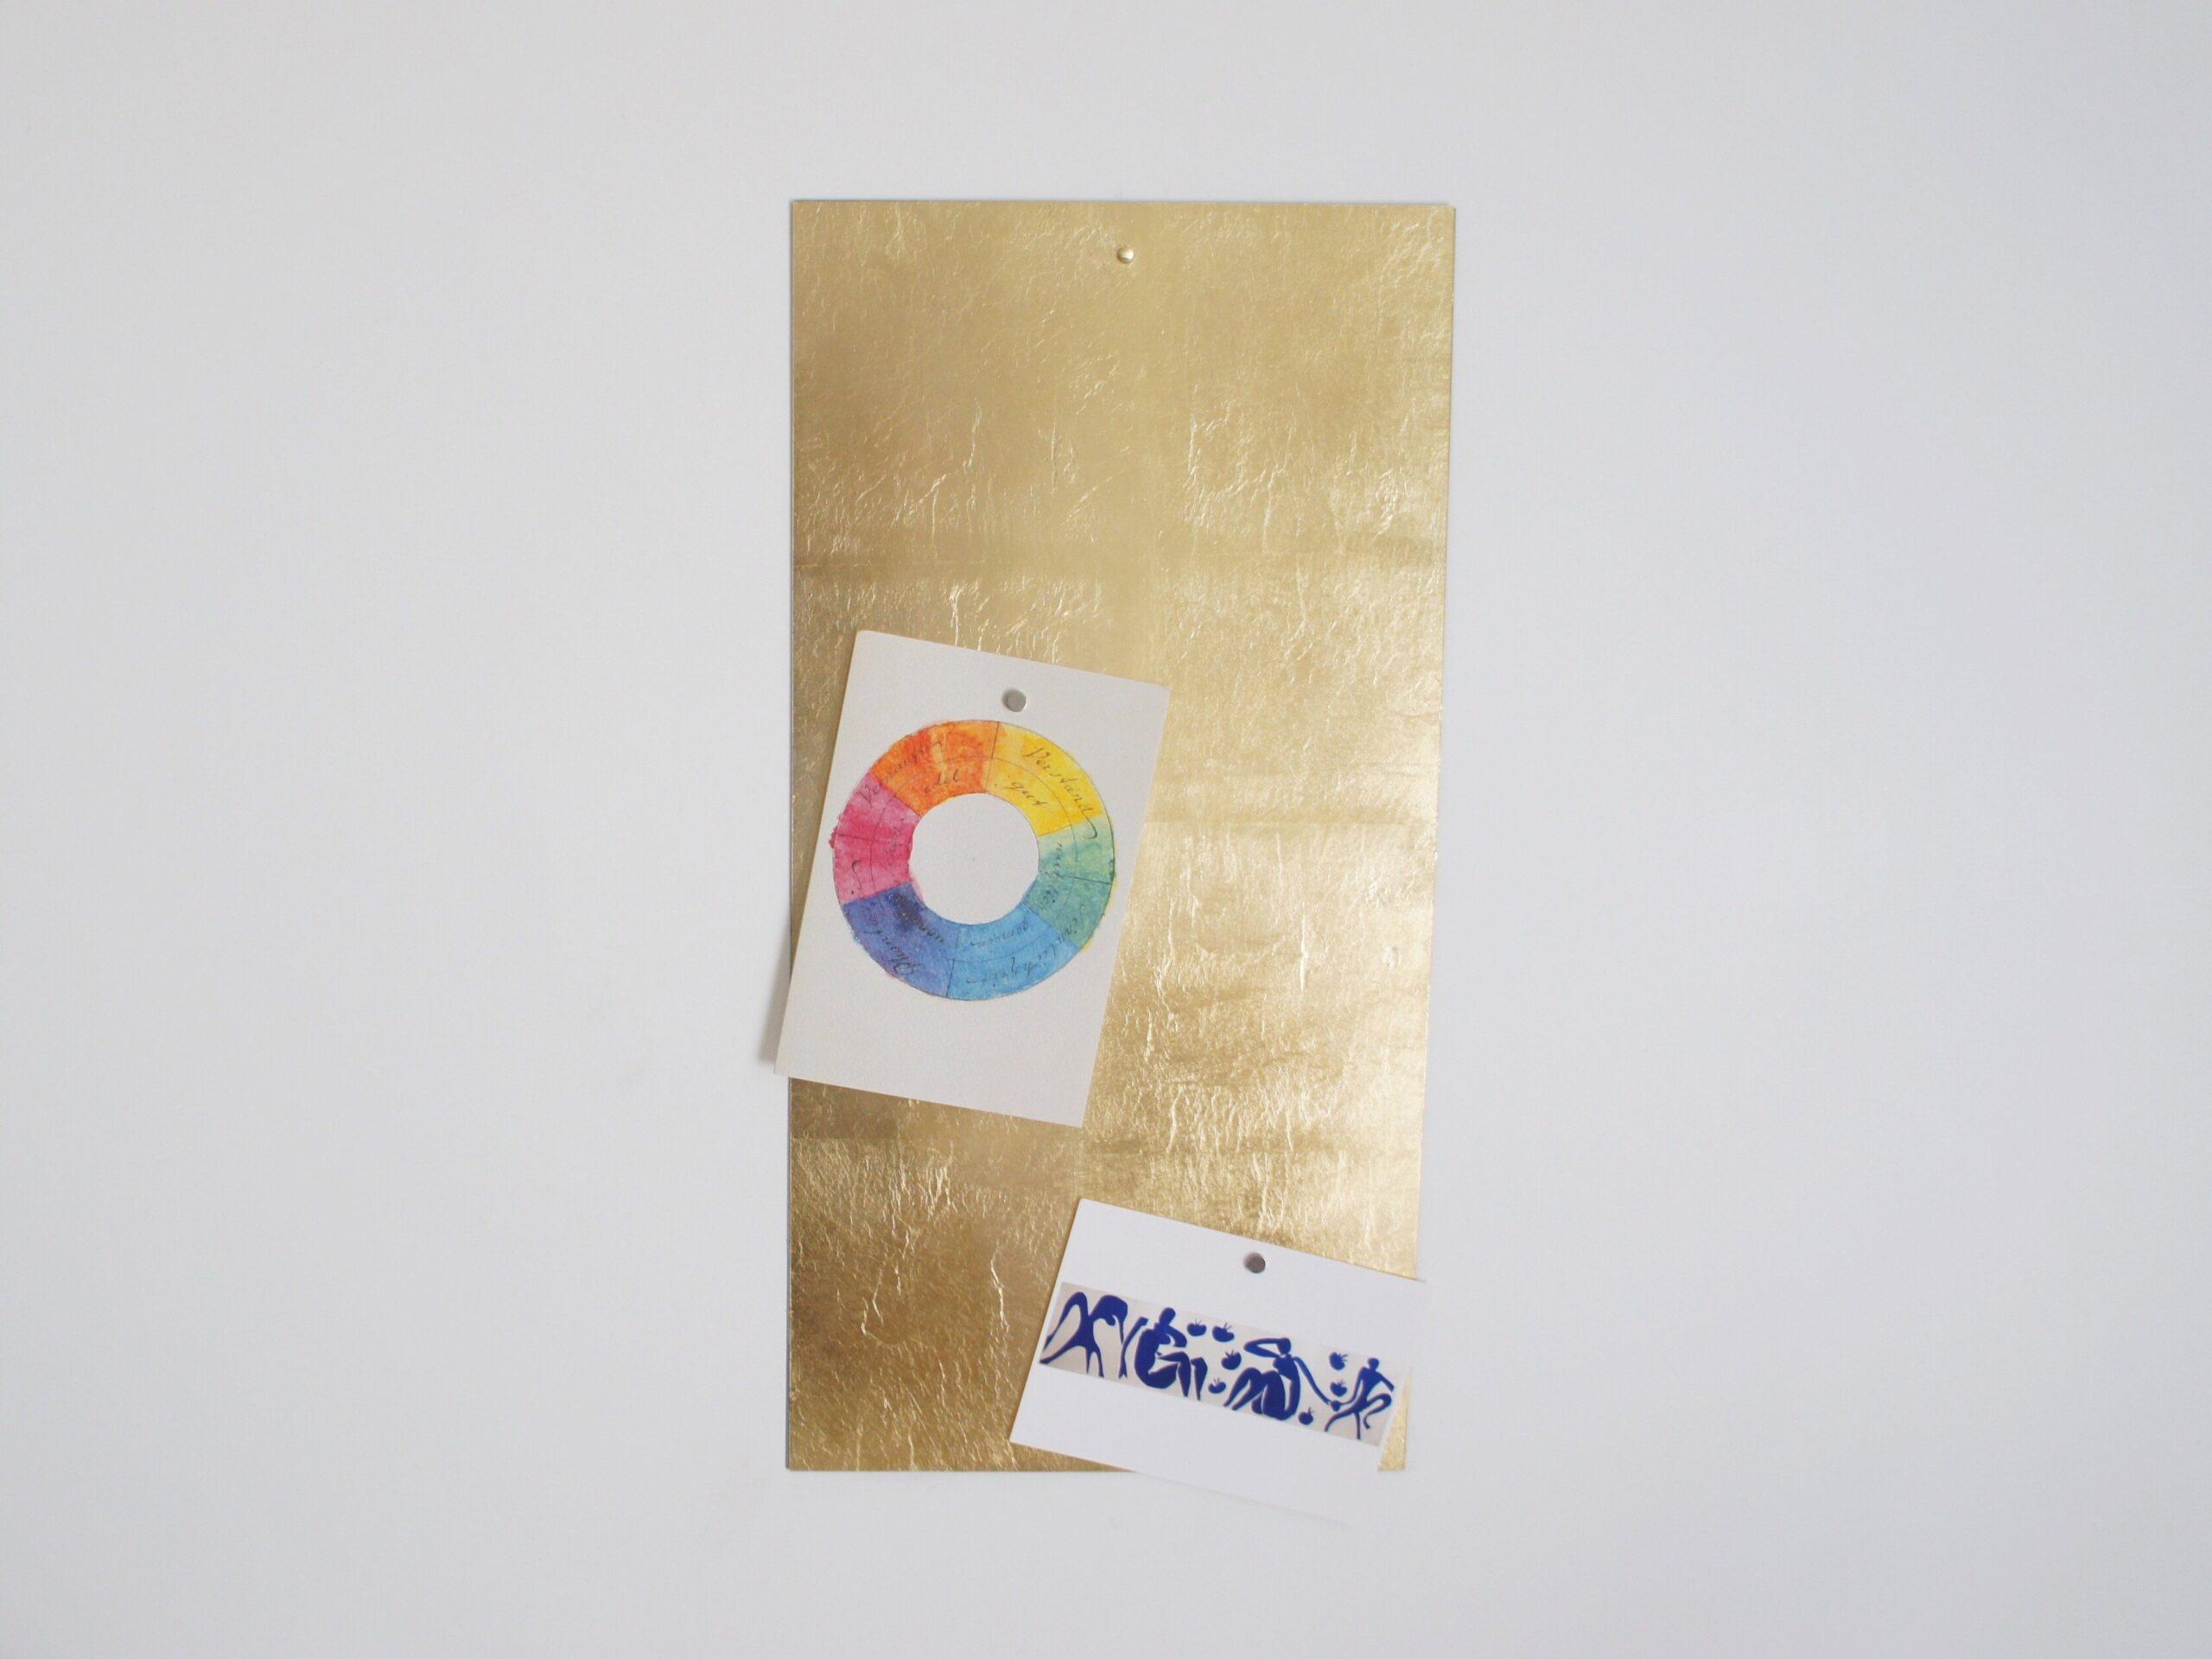 Full Size of Magnetwand Küche Gold Whiteboard Pinwand Calvill Hochglanz Weiss Pantryküche Wanduhr Laminat Für Oberschrank Arbeitsschuhe Stengel Miniküche Bauen Rustikal Wohnzimmer Magnetwand Küche